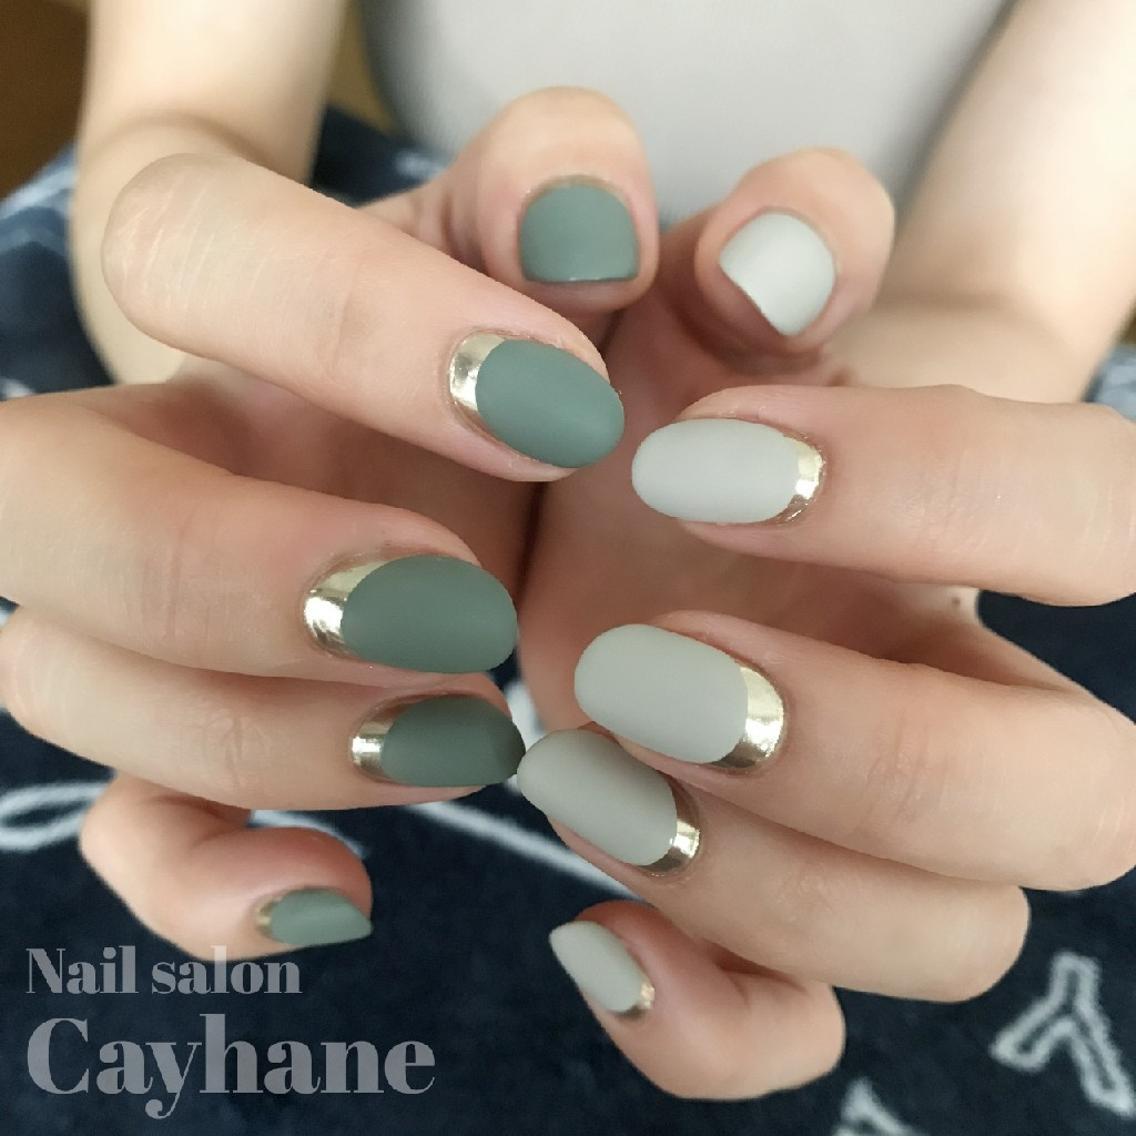 ハーフミラー&マット加工でオシャレに♡ Nail salon Cayhane